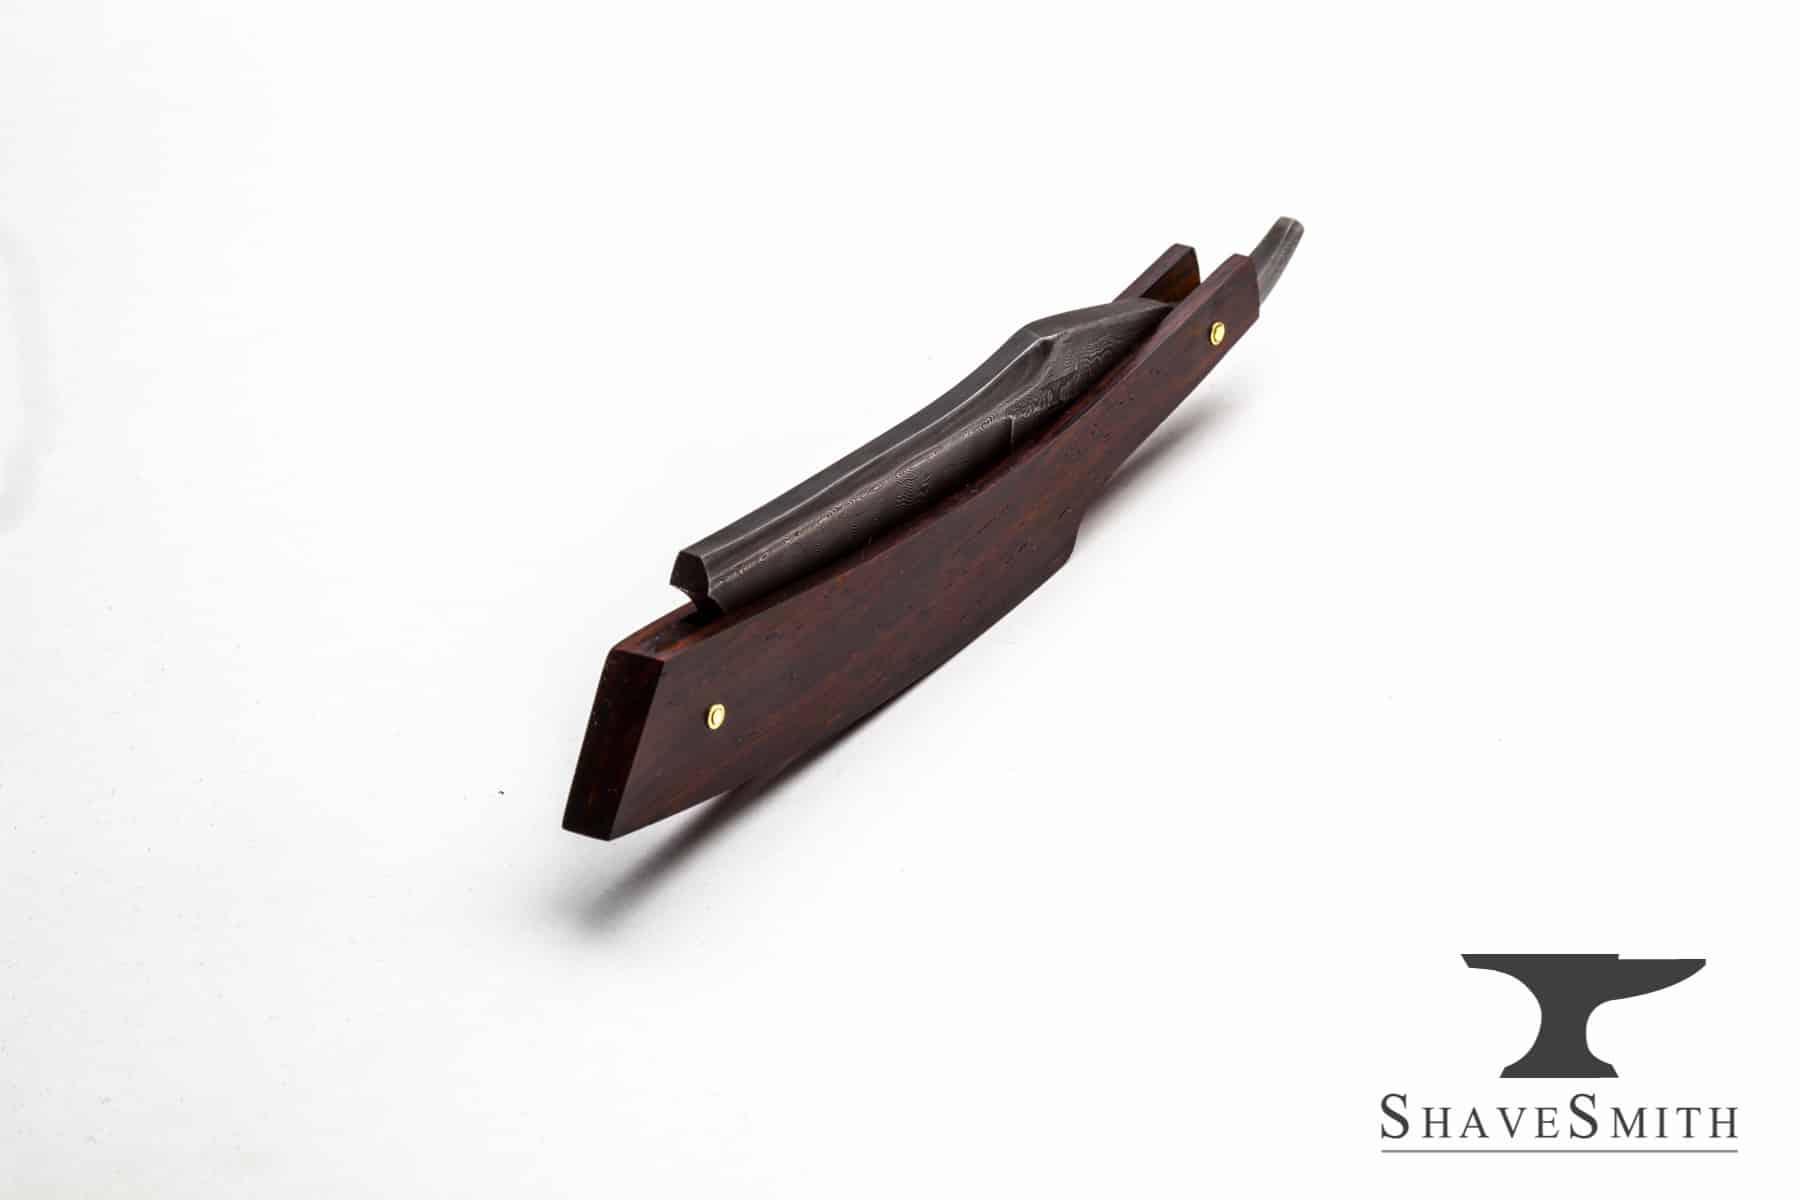 Sherwood's Best - 9/8 Damascus English Inspired Custom Straight Razor